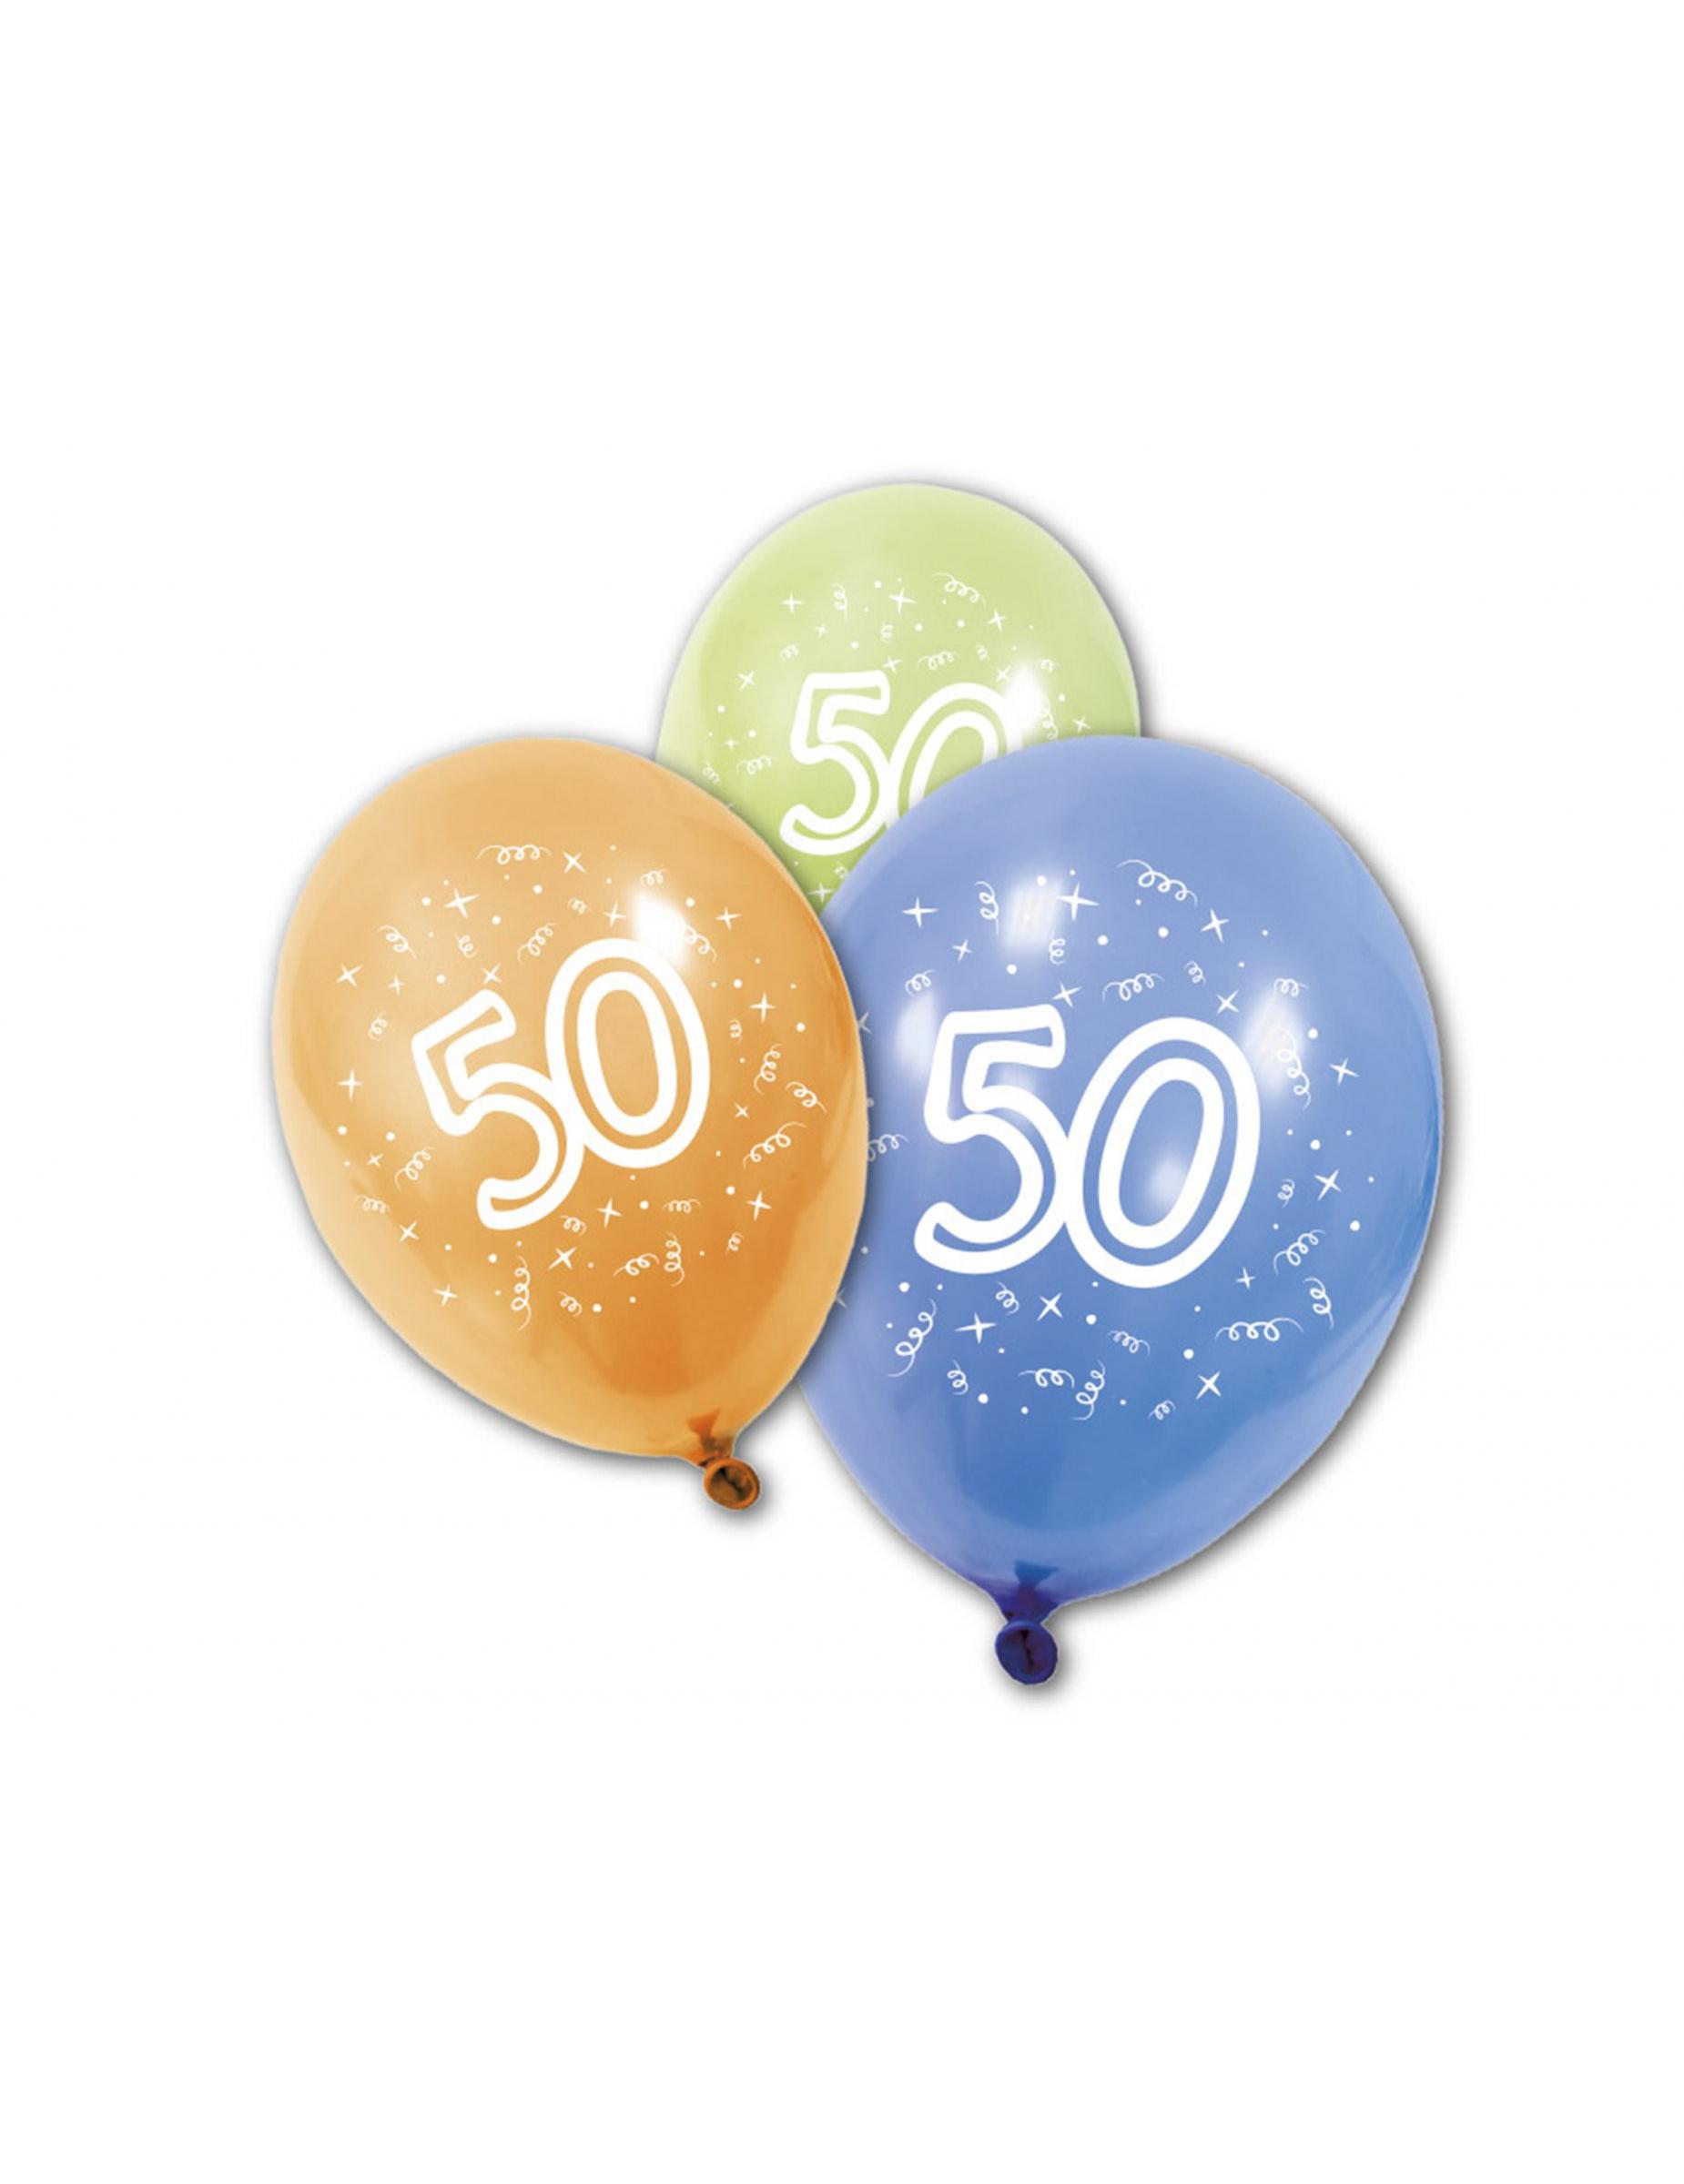 8 Palloncini Per Il Compleanno Dei 50 Anni Su Vegaooparty Negozio Di Articoli Per Feste